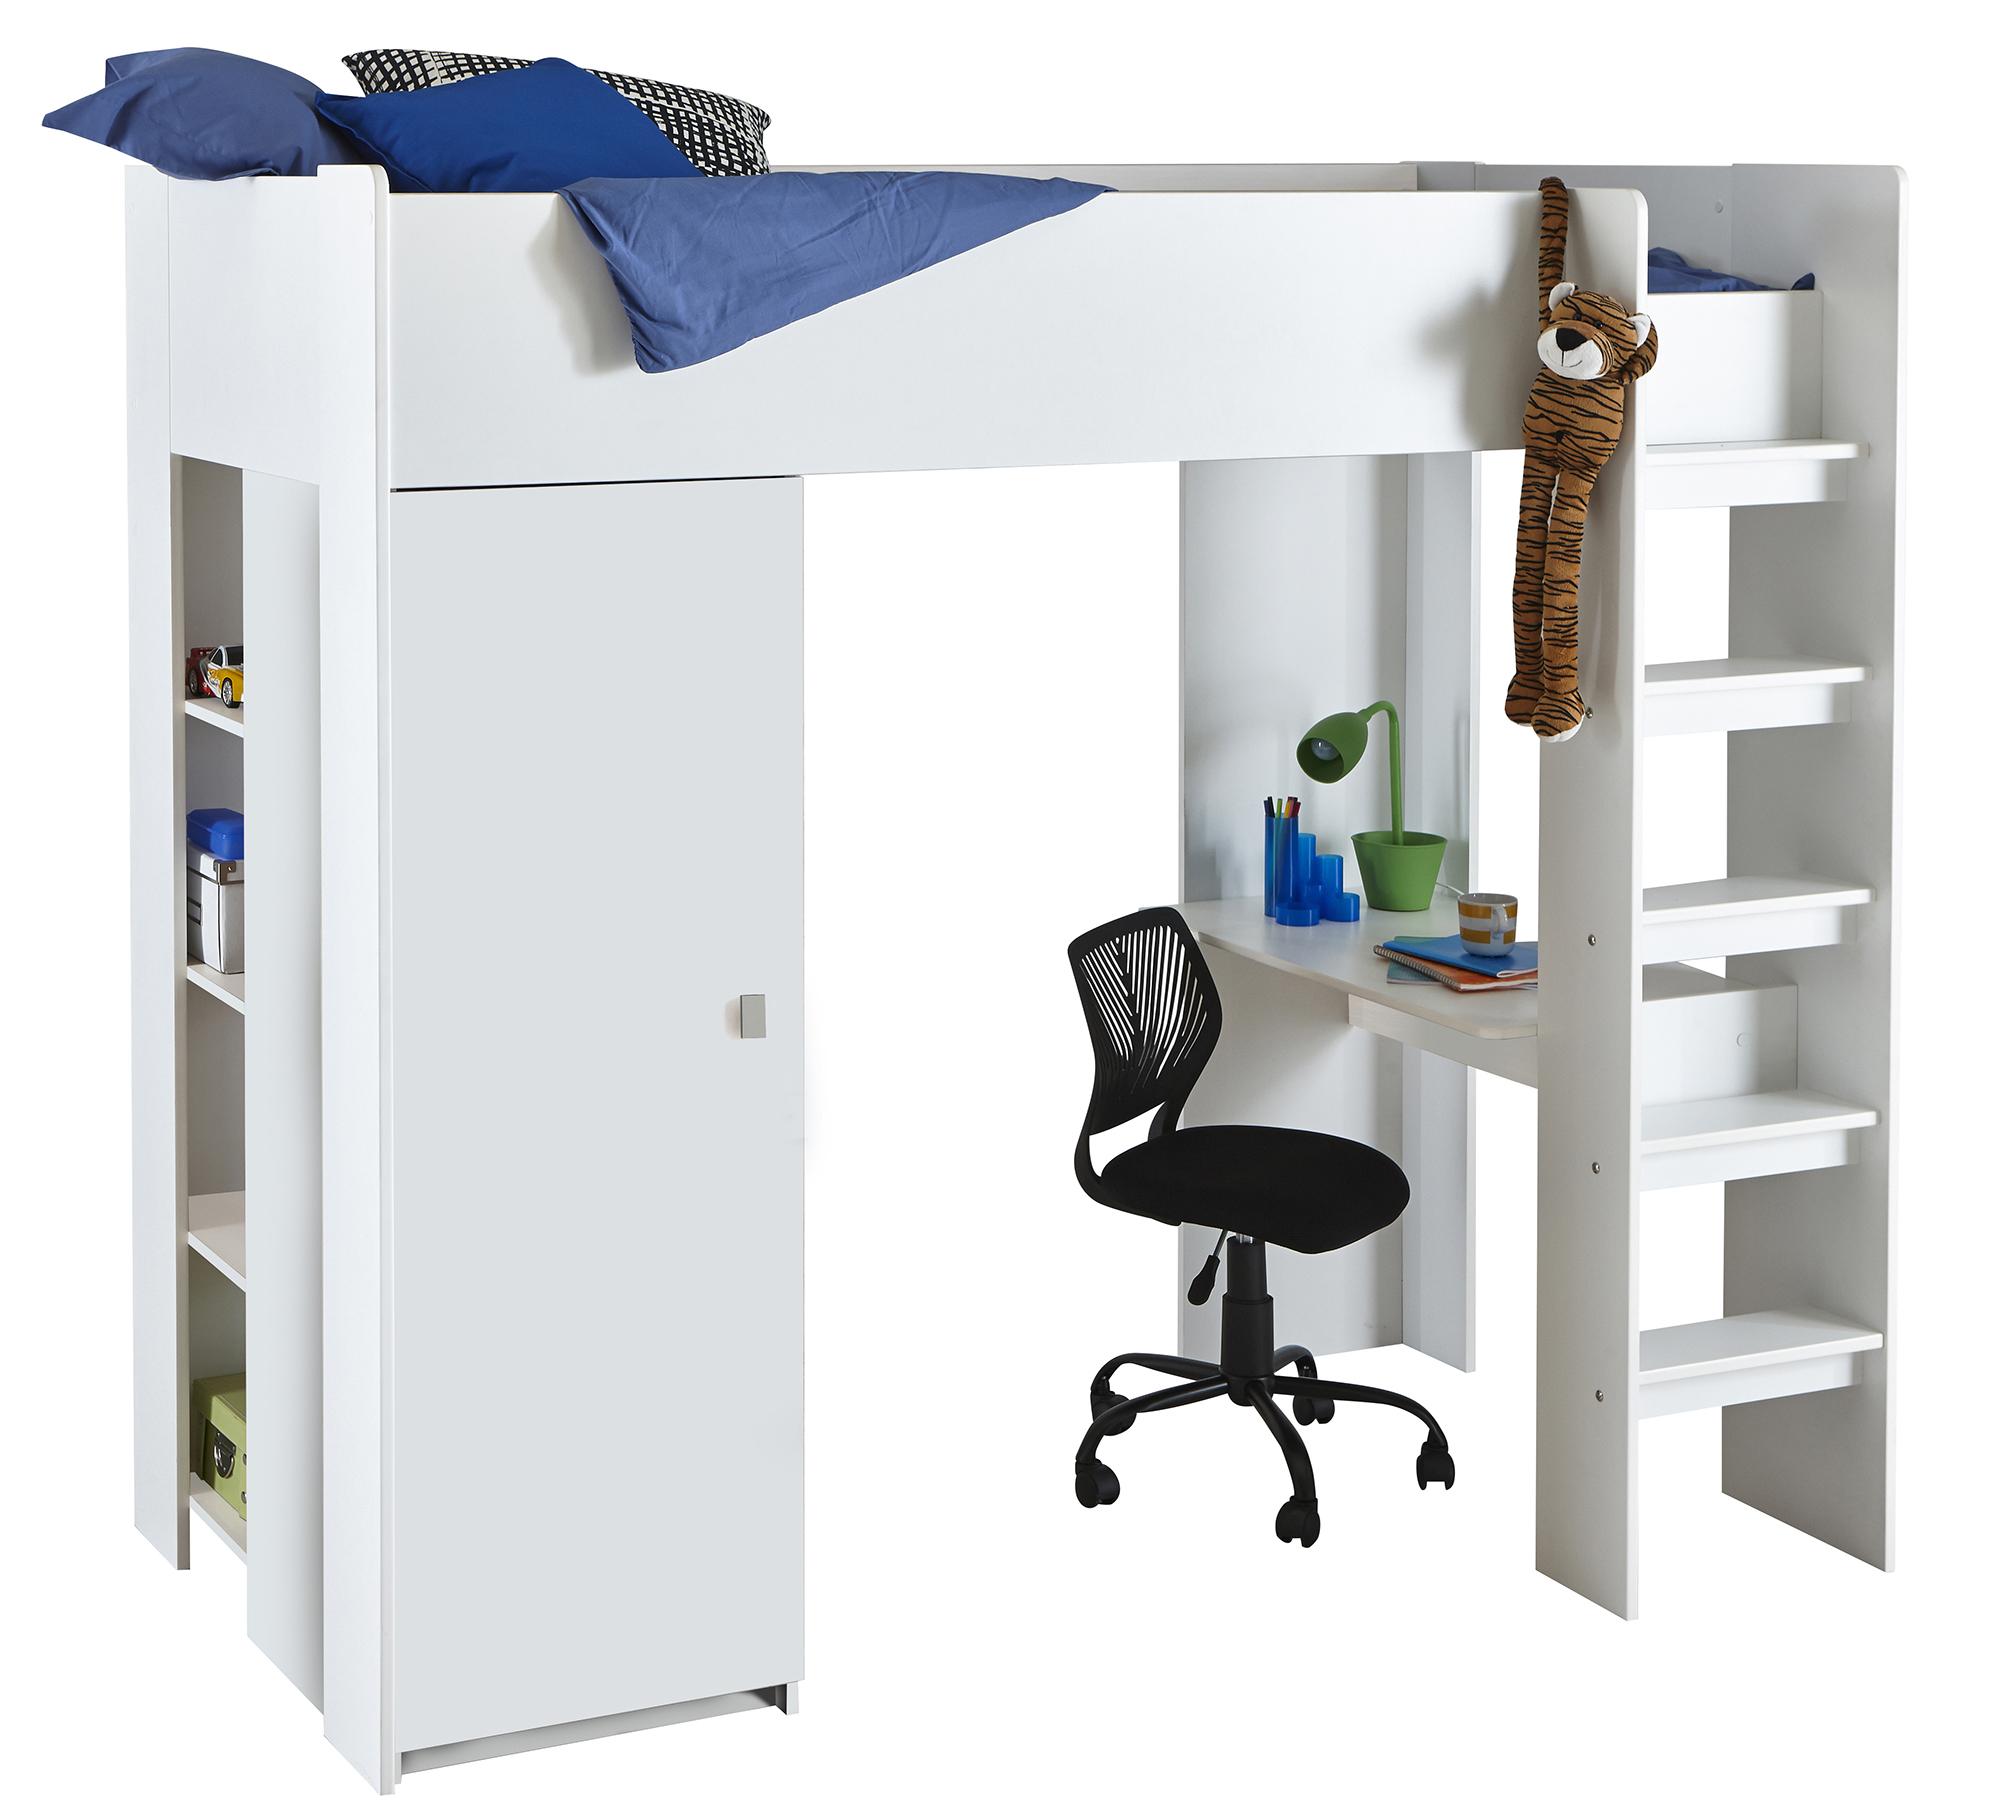 jugendbett hochbett kinder bett kinderhochbett mit. Black Bedroom Furniture Sets. Home Design Ideas